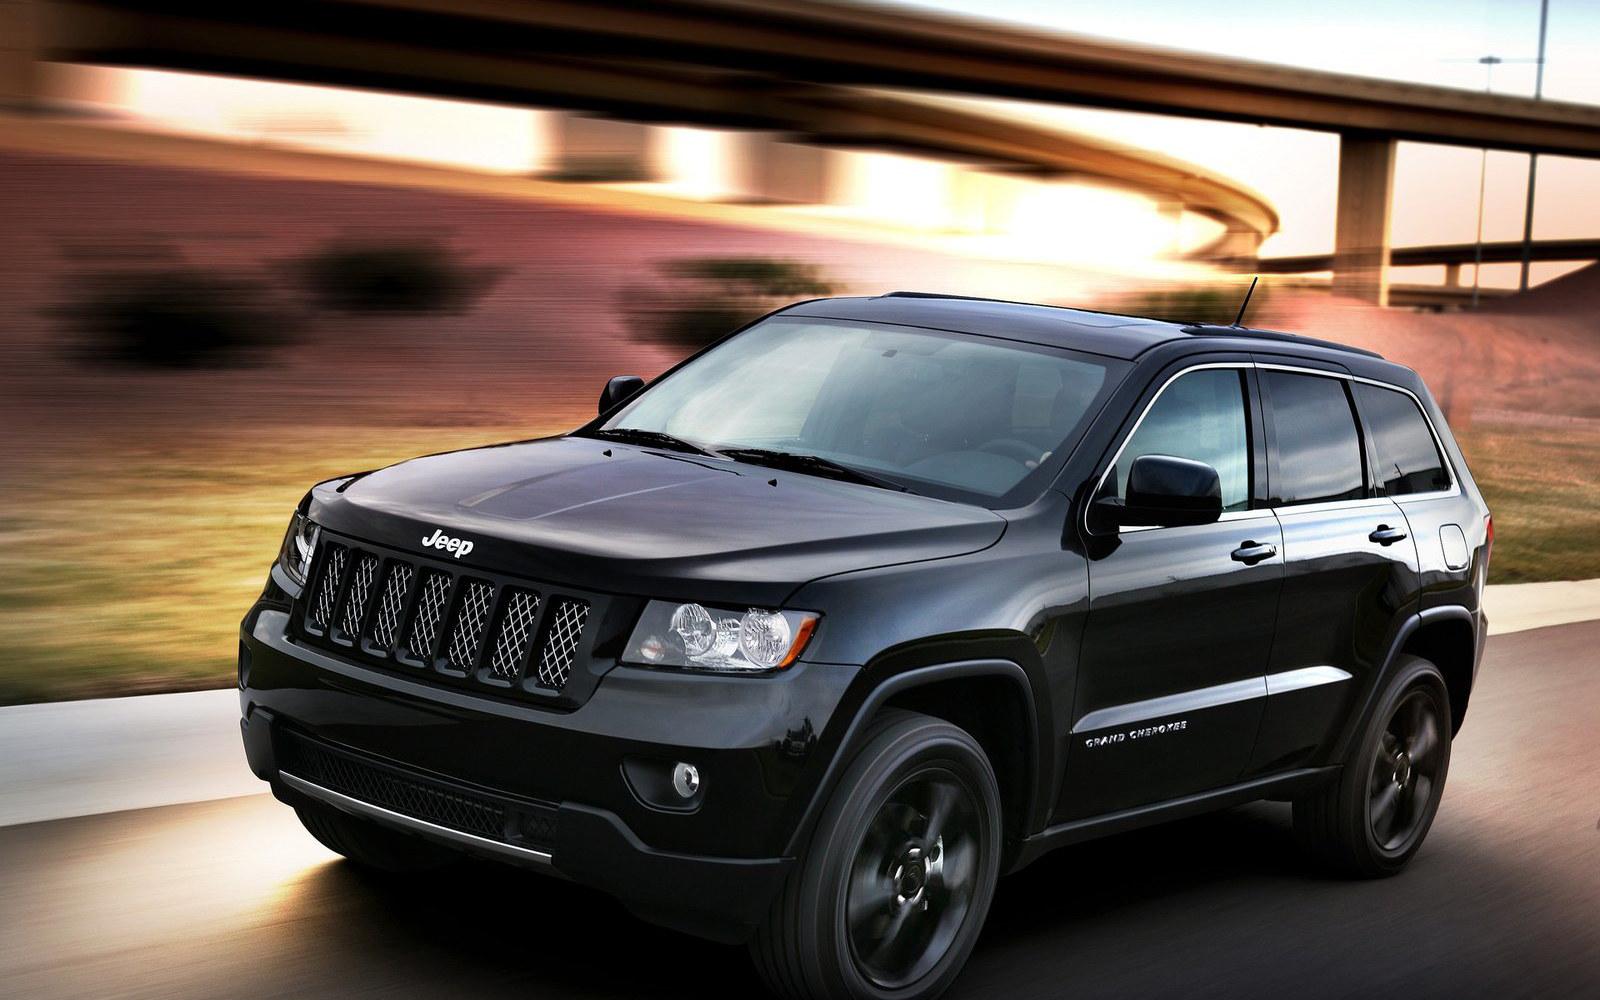 2012款jeep大切诺基 2014款jeep大切诺基 2015款jeep大切高清图片